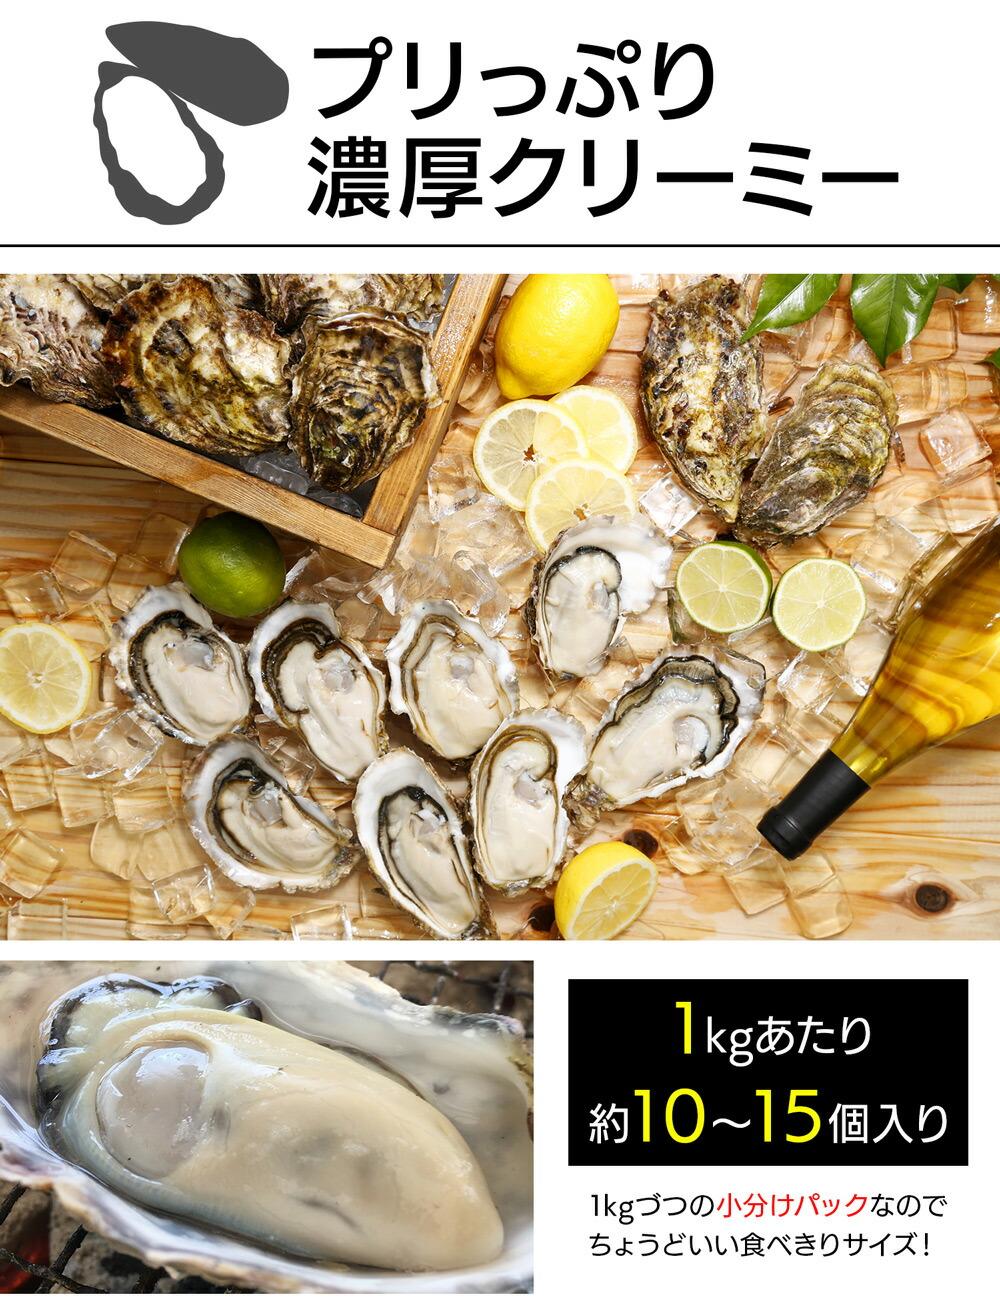 冷凍殻付き牡蠣